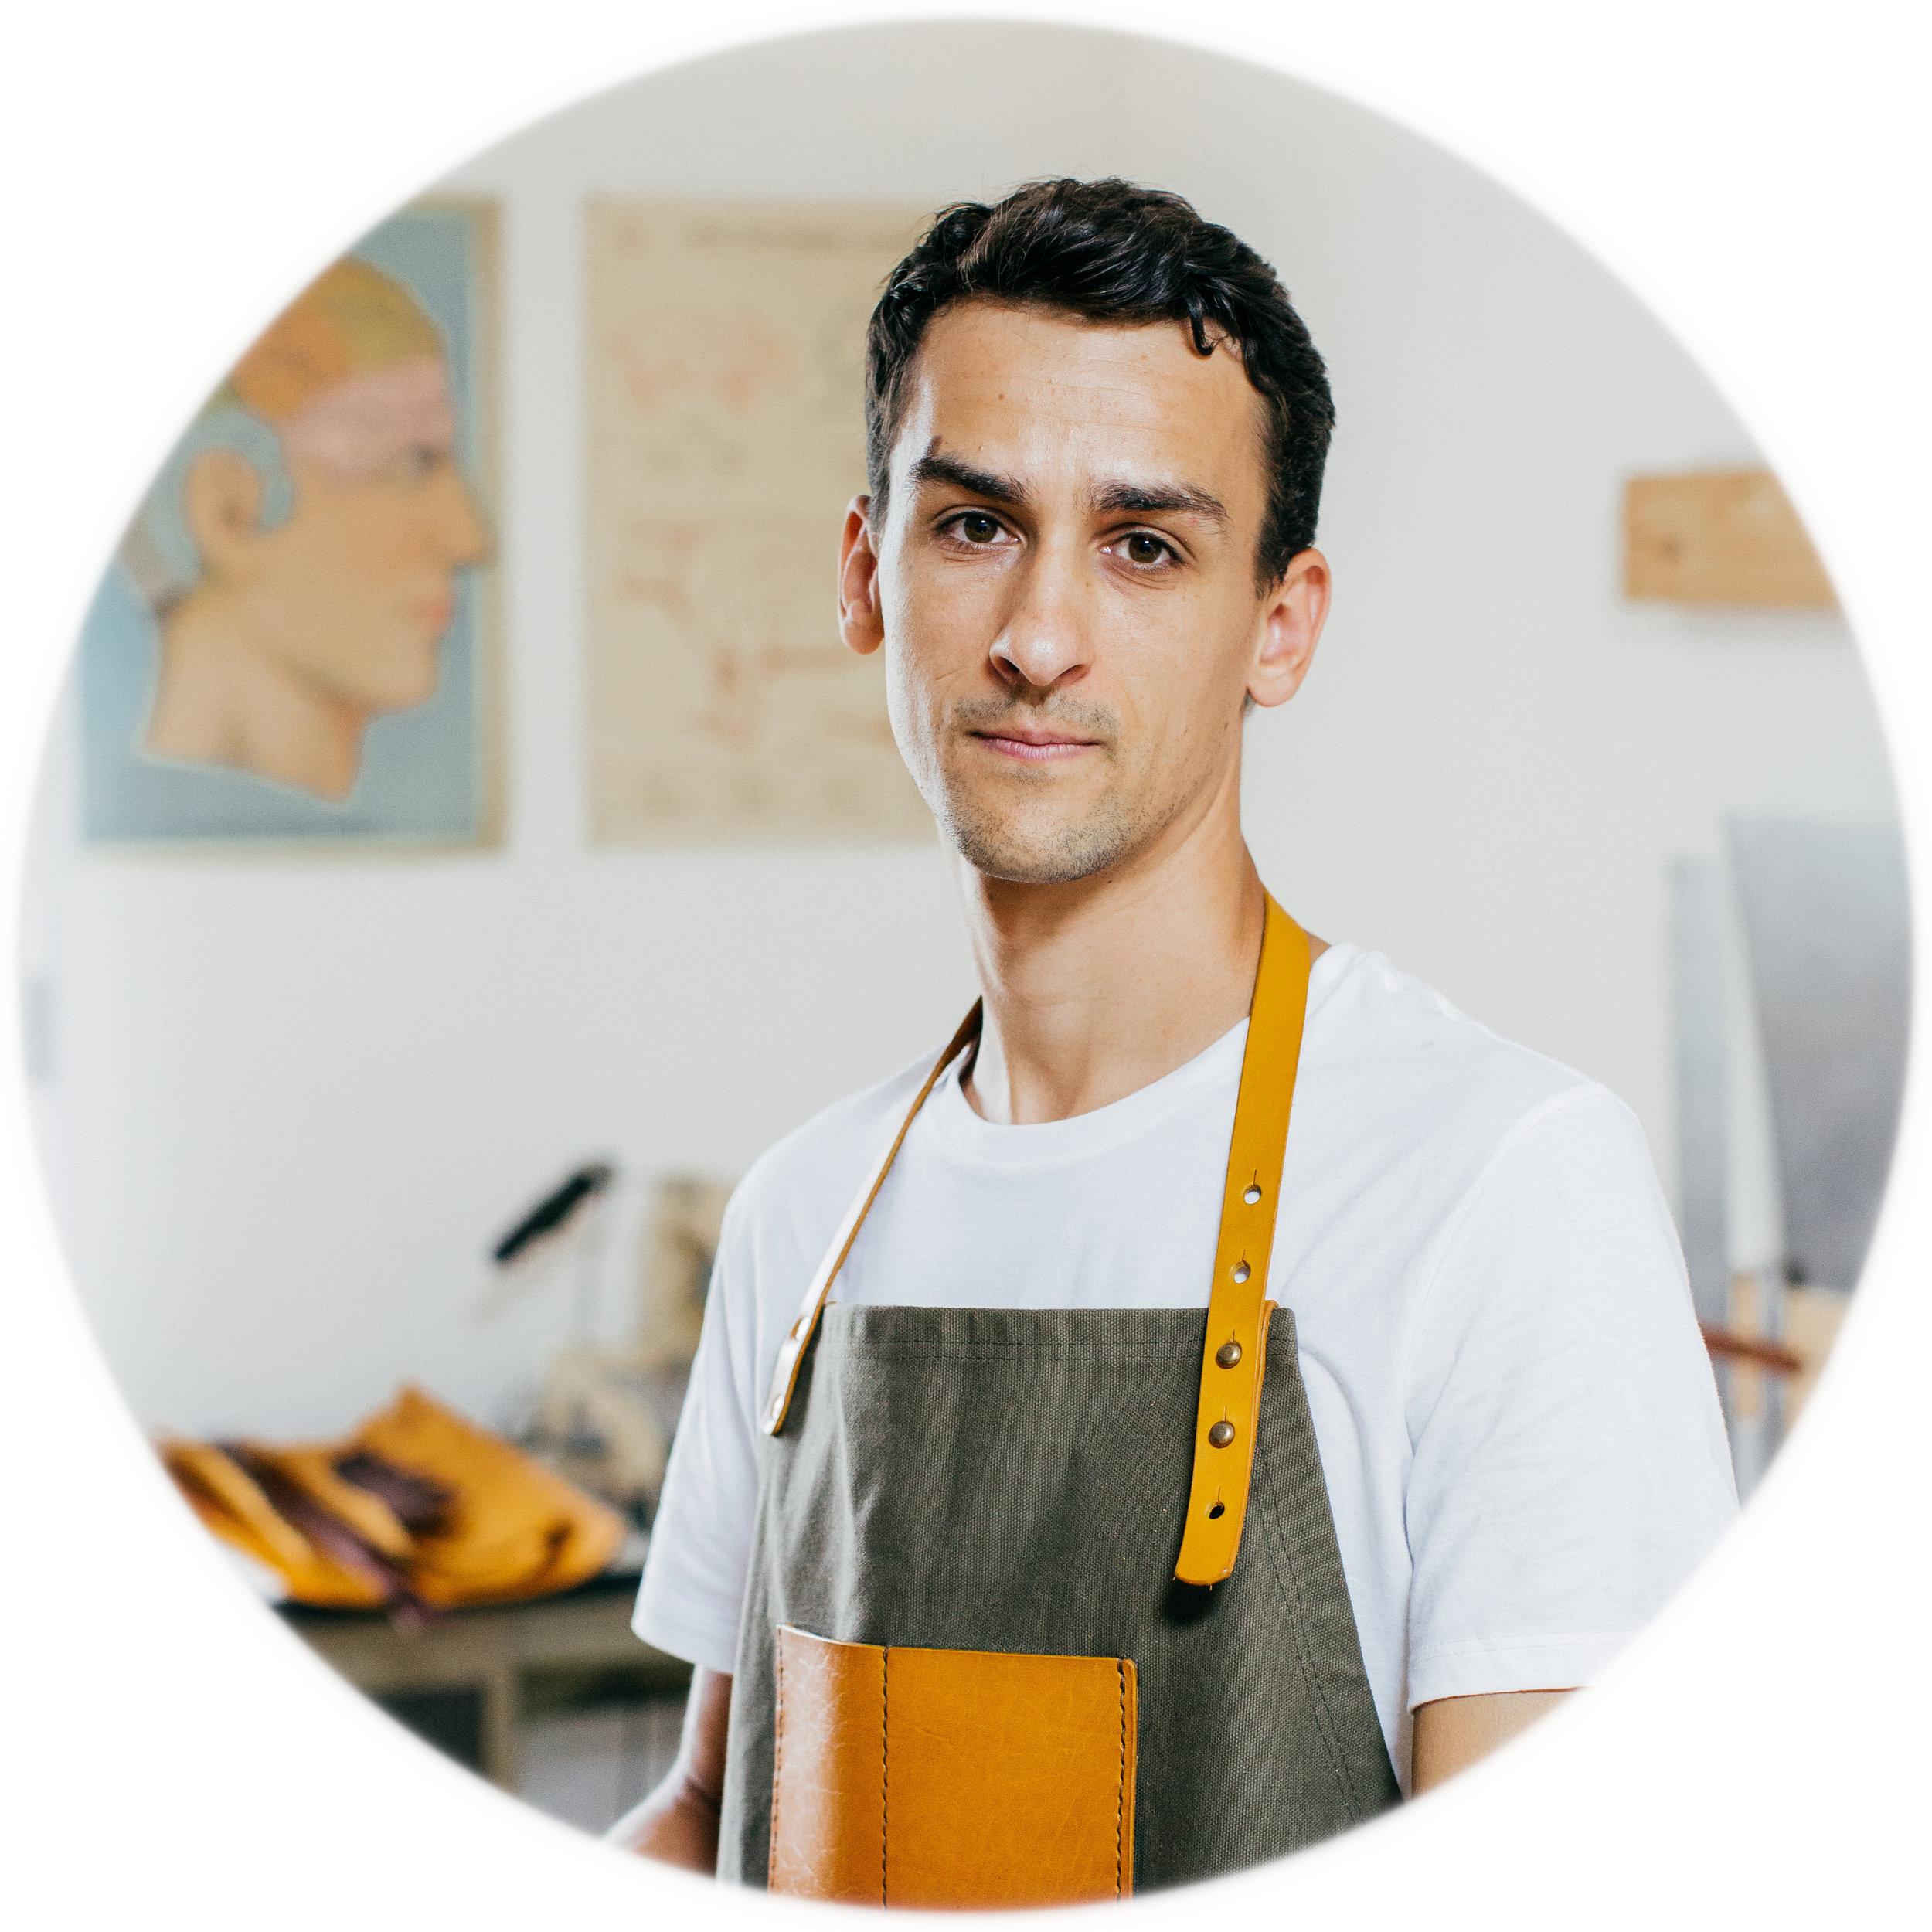 Ben, BennyBee head of the workshop